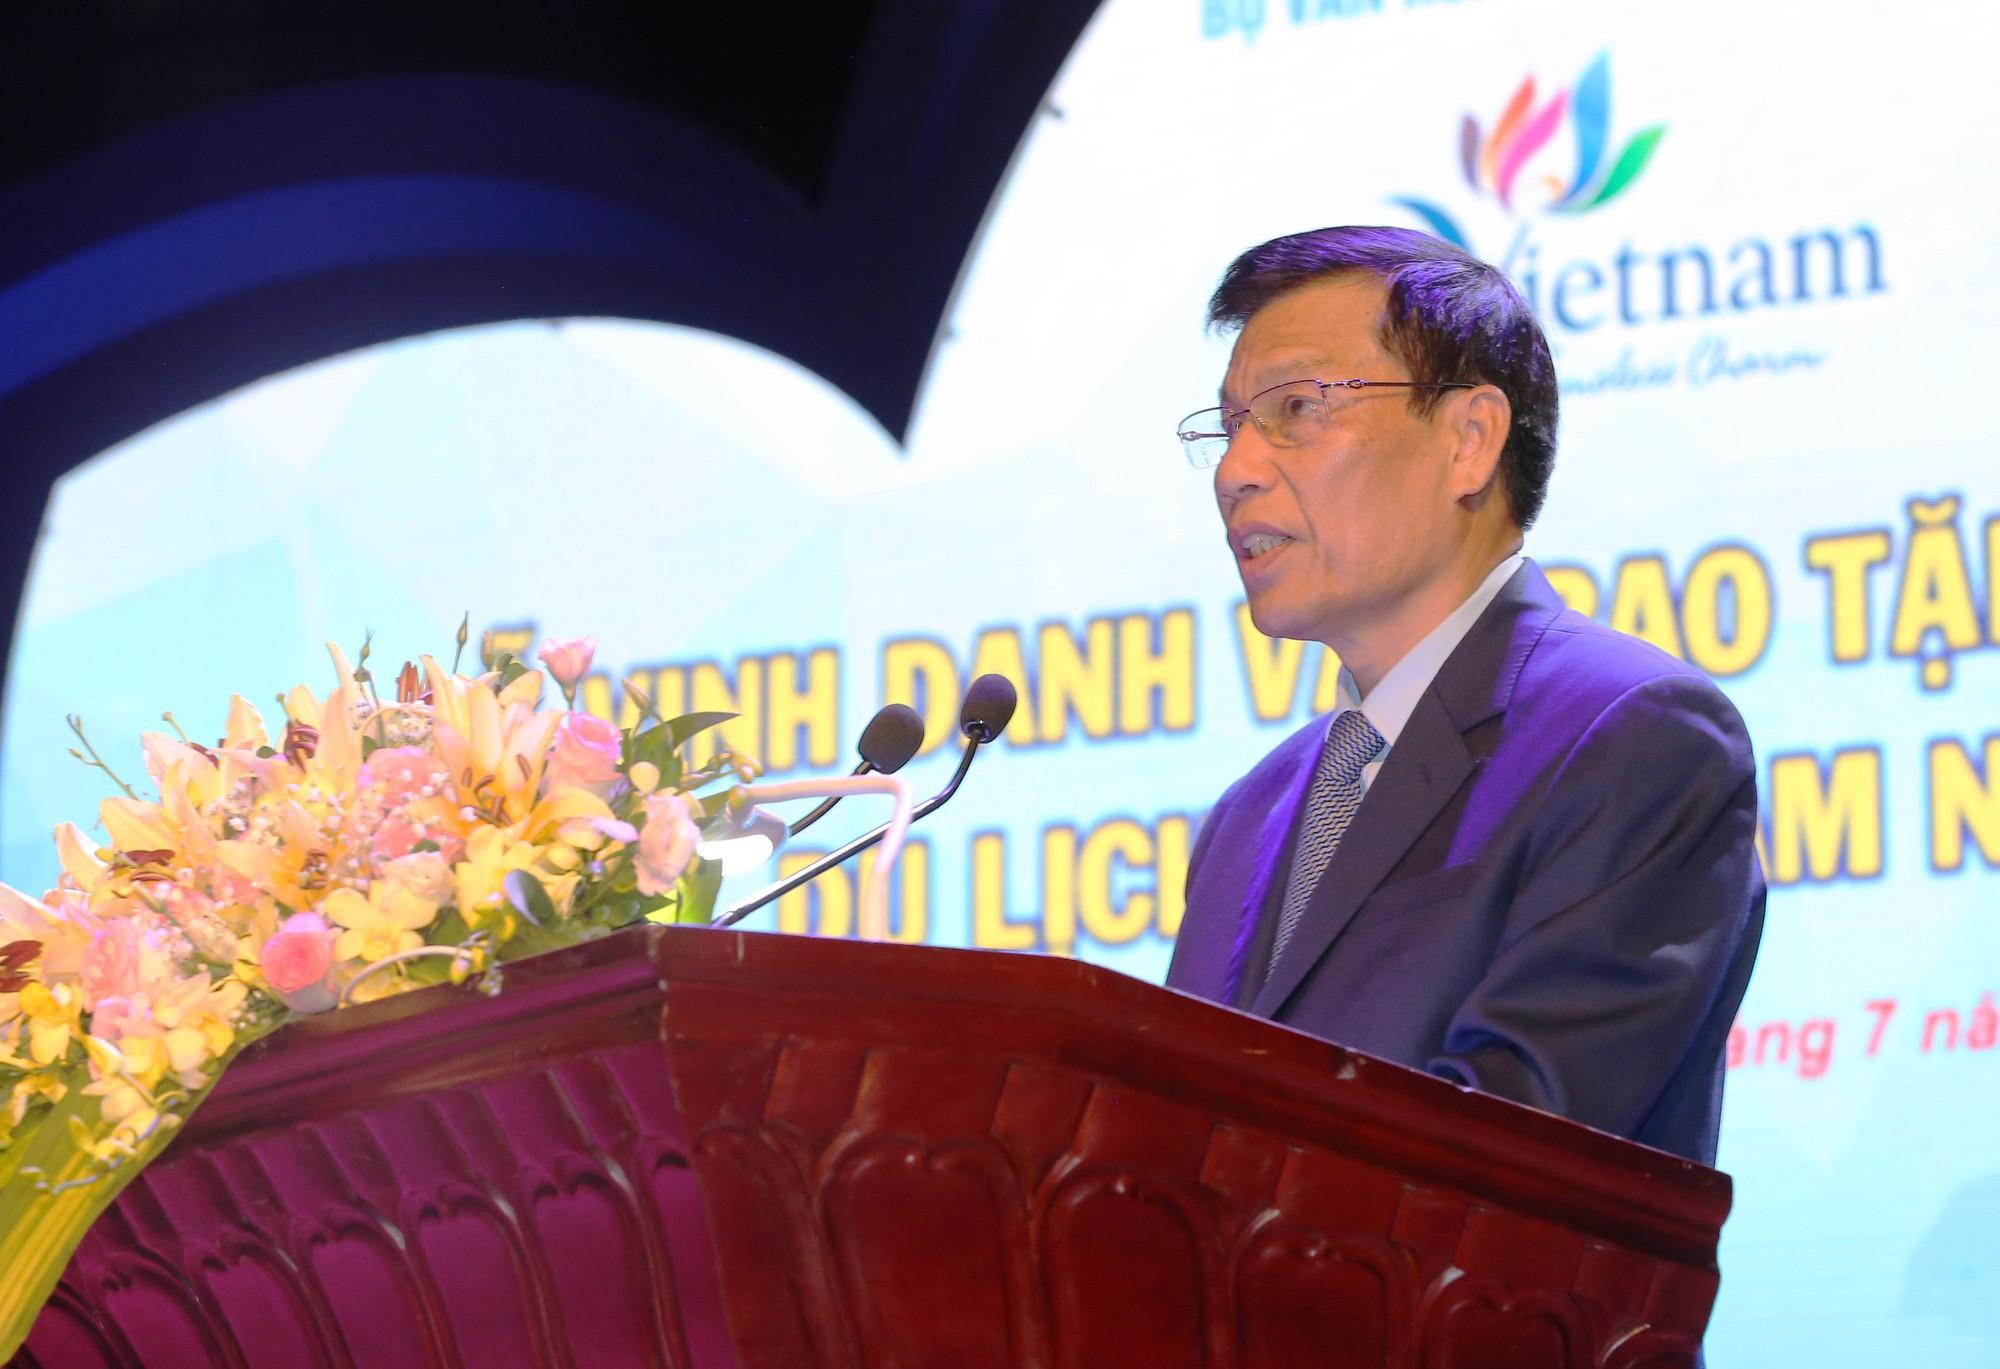 Phát biểu tại buổi lễ, Bộ trưởng Nguyễn Ngọc Thiện nhấn mạnh: